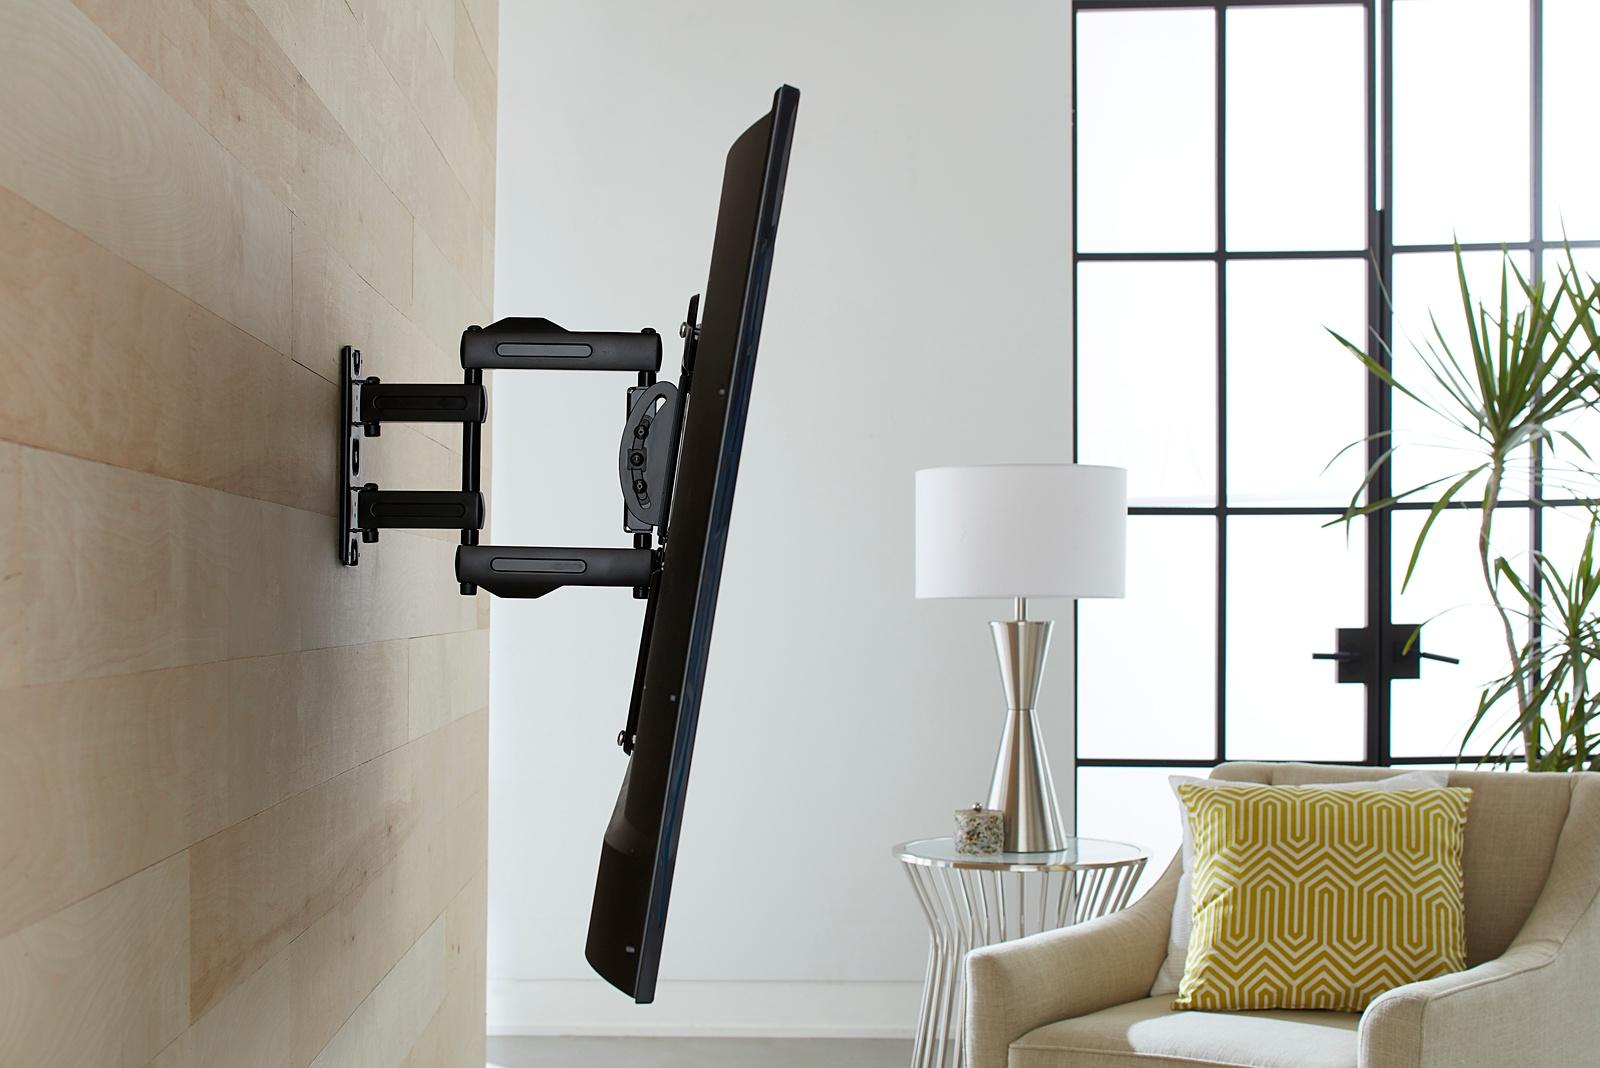 SANUS OLF15 full motion TV mount extended from wall